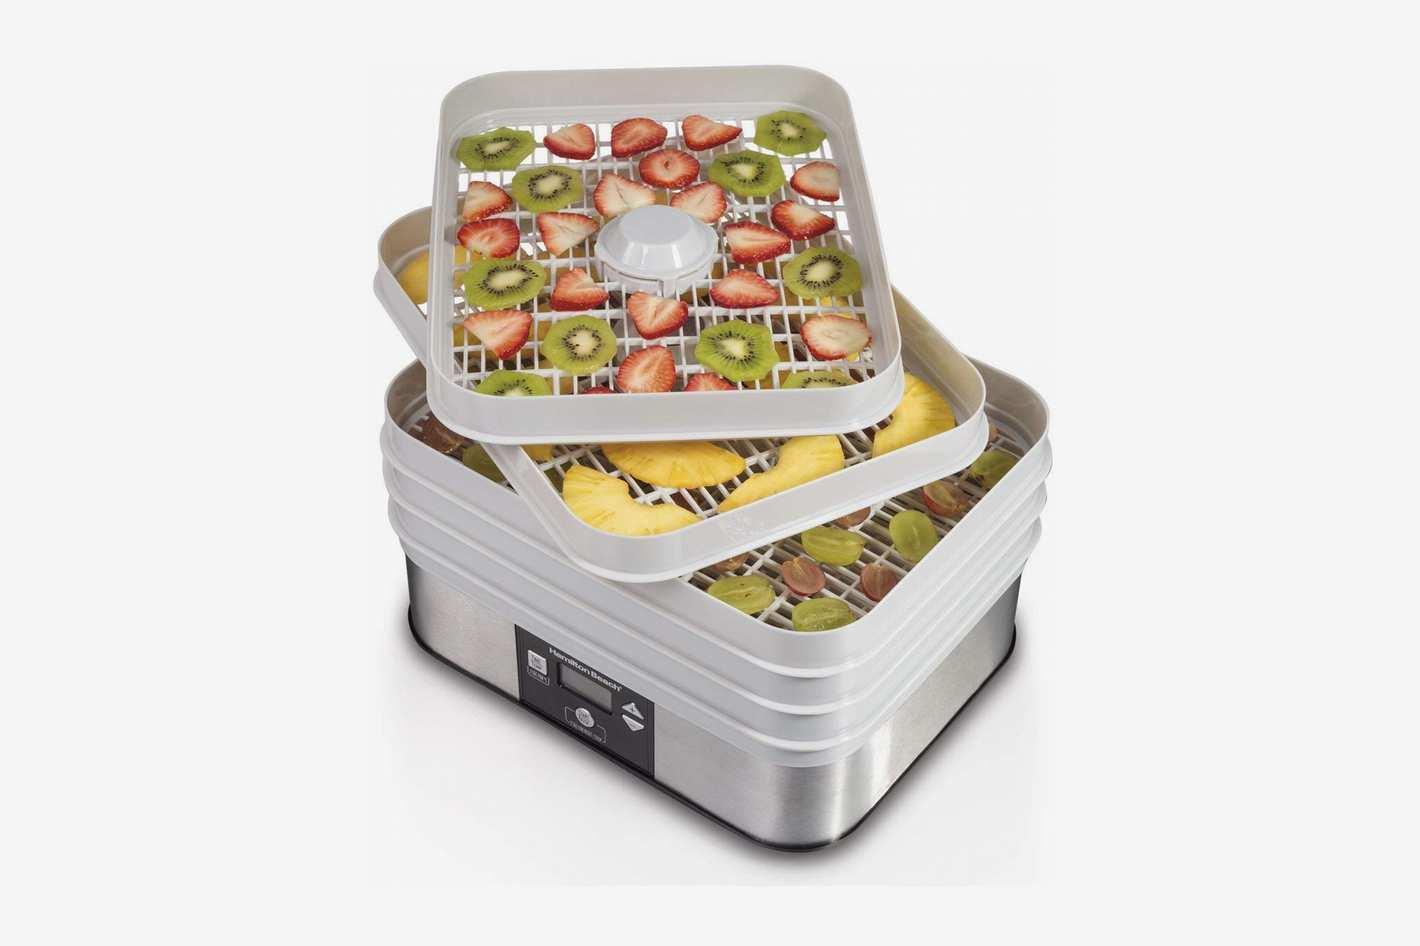 Hamilton Beach 32100A Digital Food Dehydrator, 5 Tray